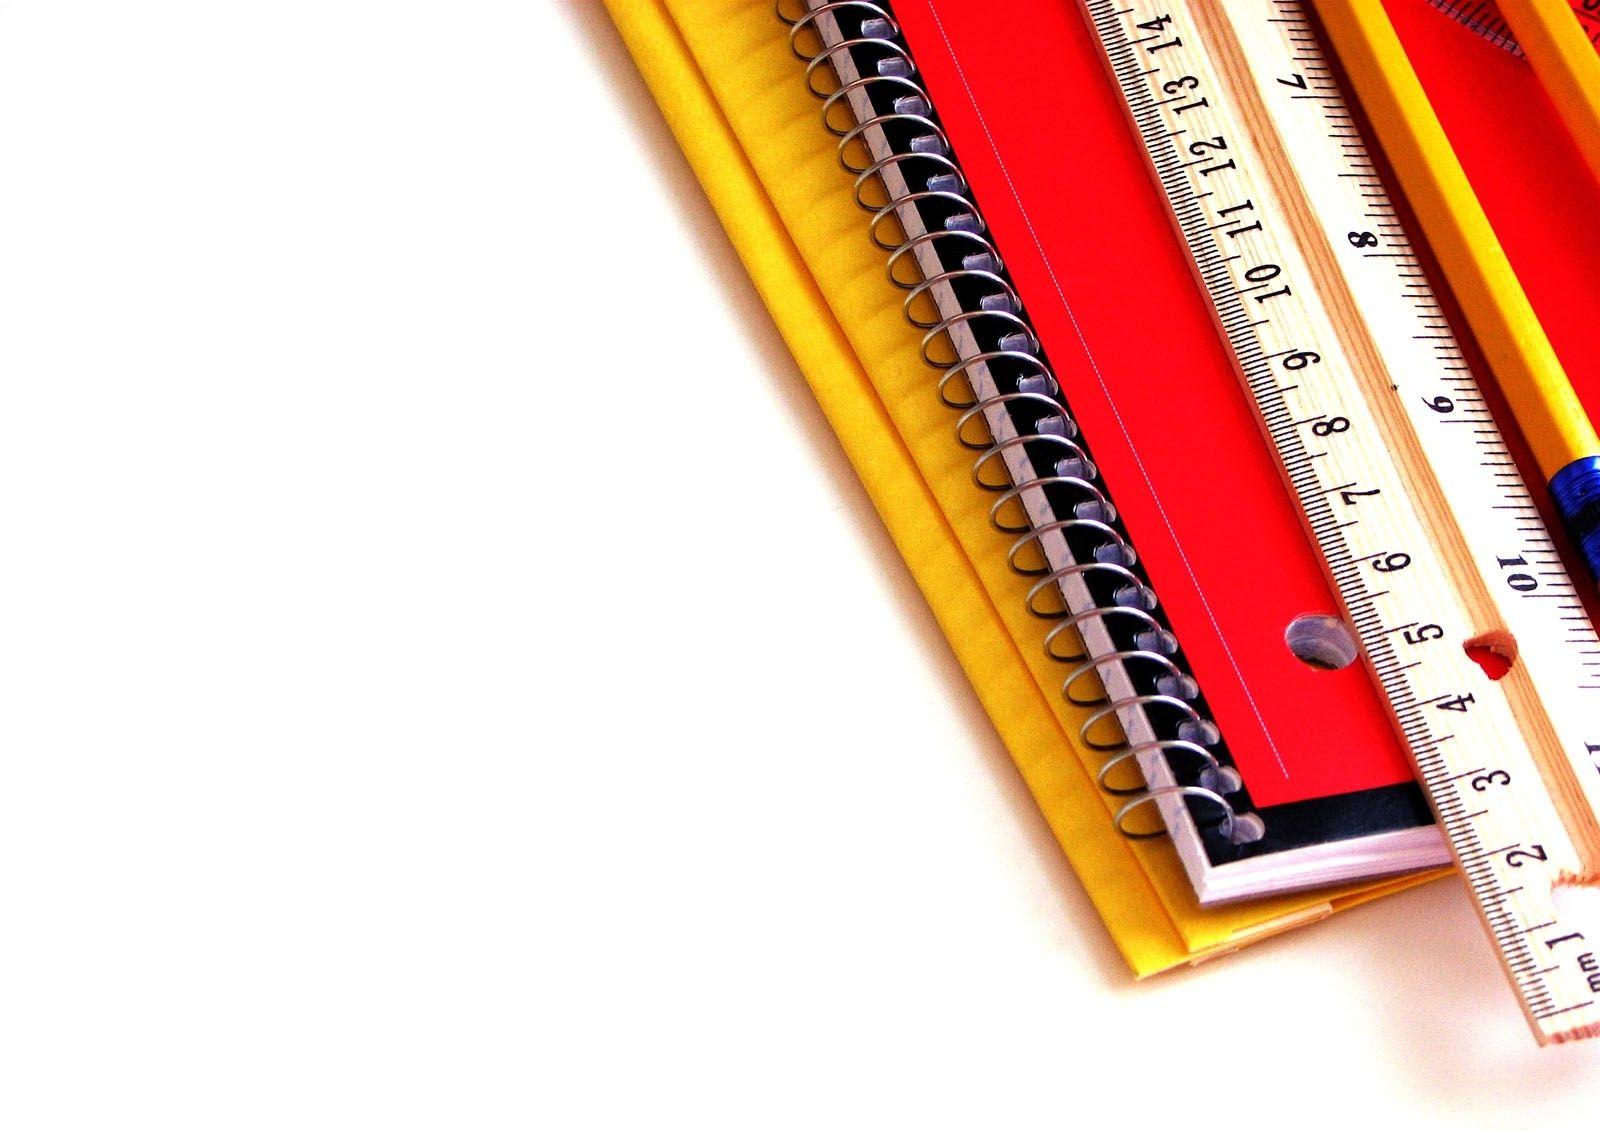 Back To School Wallpaper Free Vector Download Free Vector Back To School Wallpaper Design School Supplies School Supplies